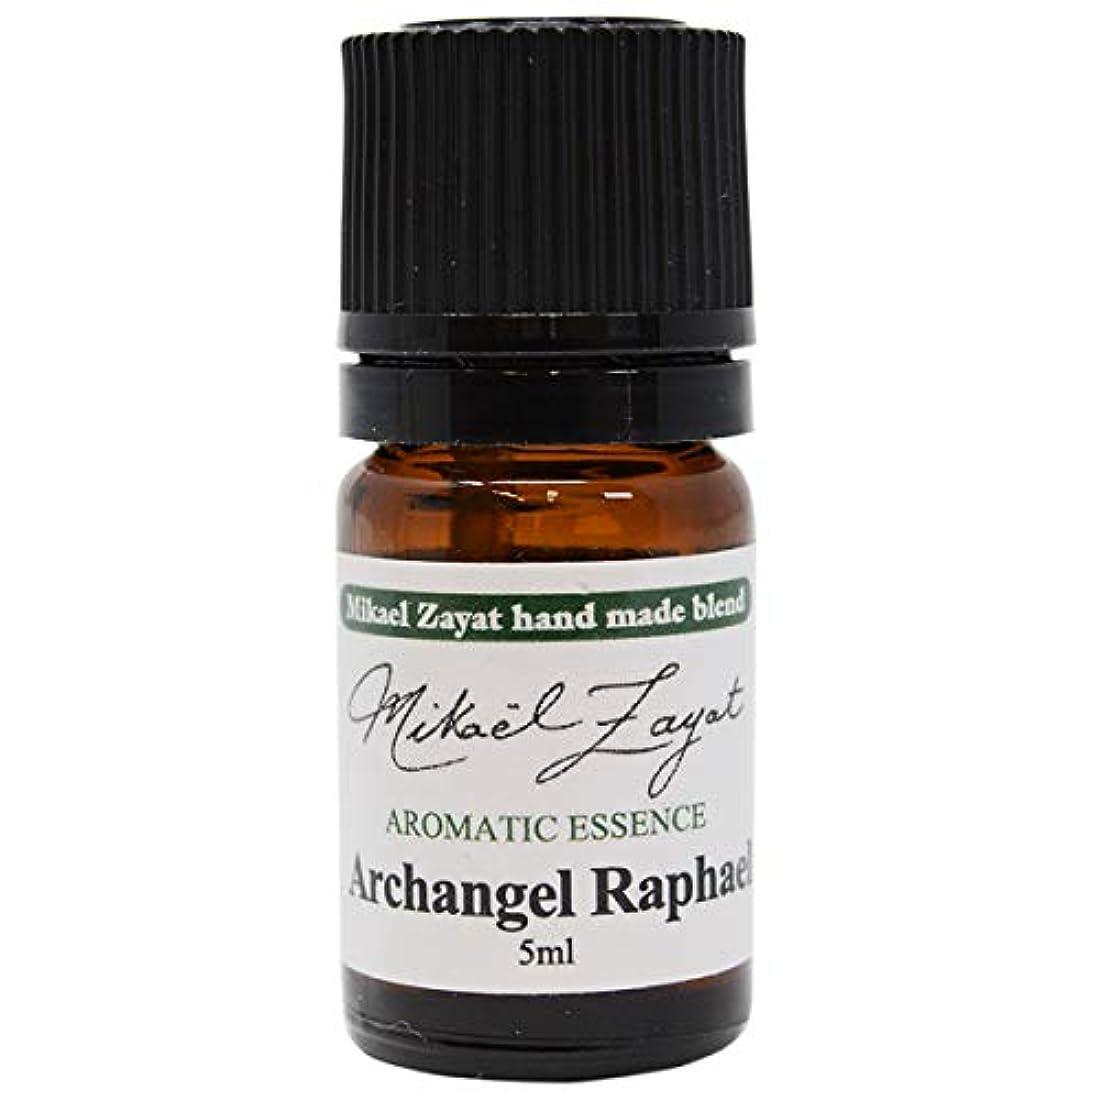 船形地味な右ミカエルザヤット 大天使ラファエル ArchAngel Raphael 5ml Mikael Zayat hand made blend